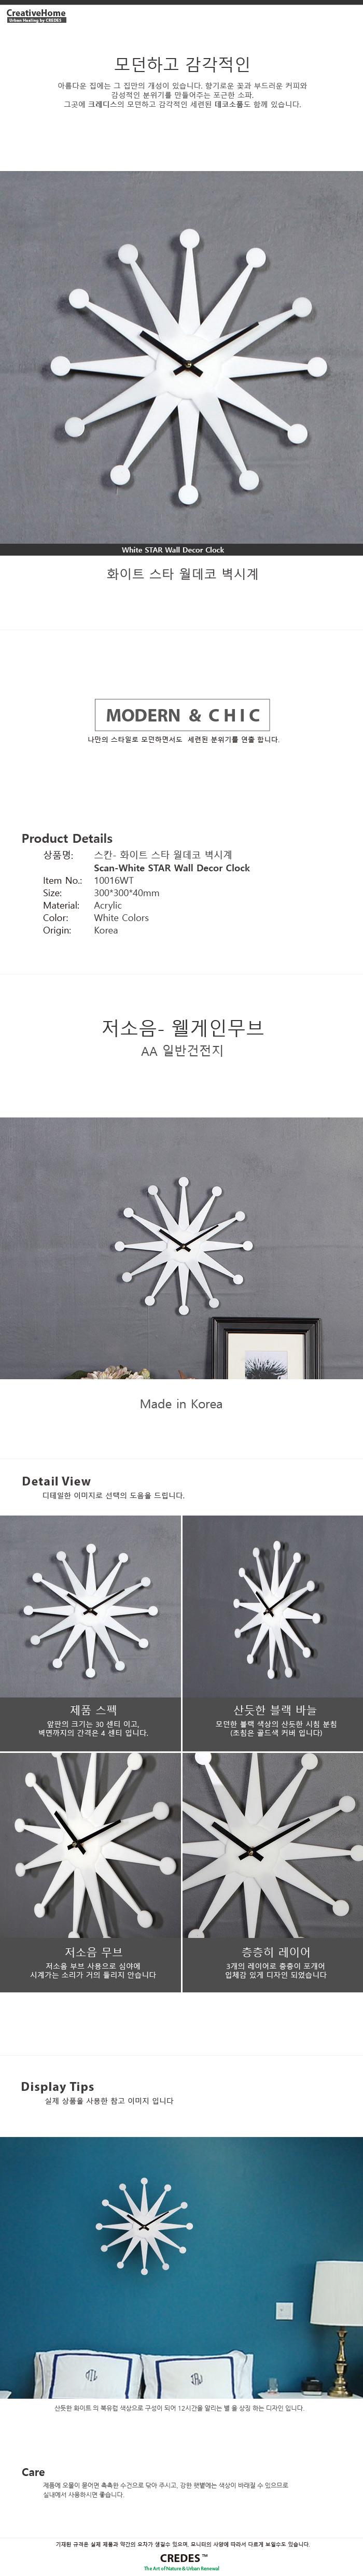 퓨어-스타 디자인 벽시계-화이트 - 크레디스, 12,000원, 벽시계, 디자인벽시계